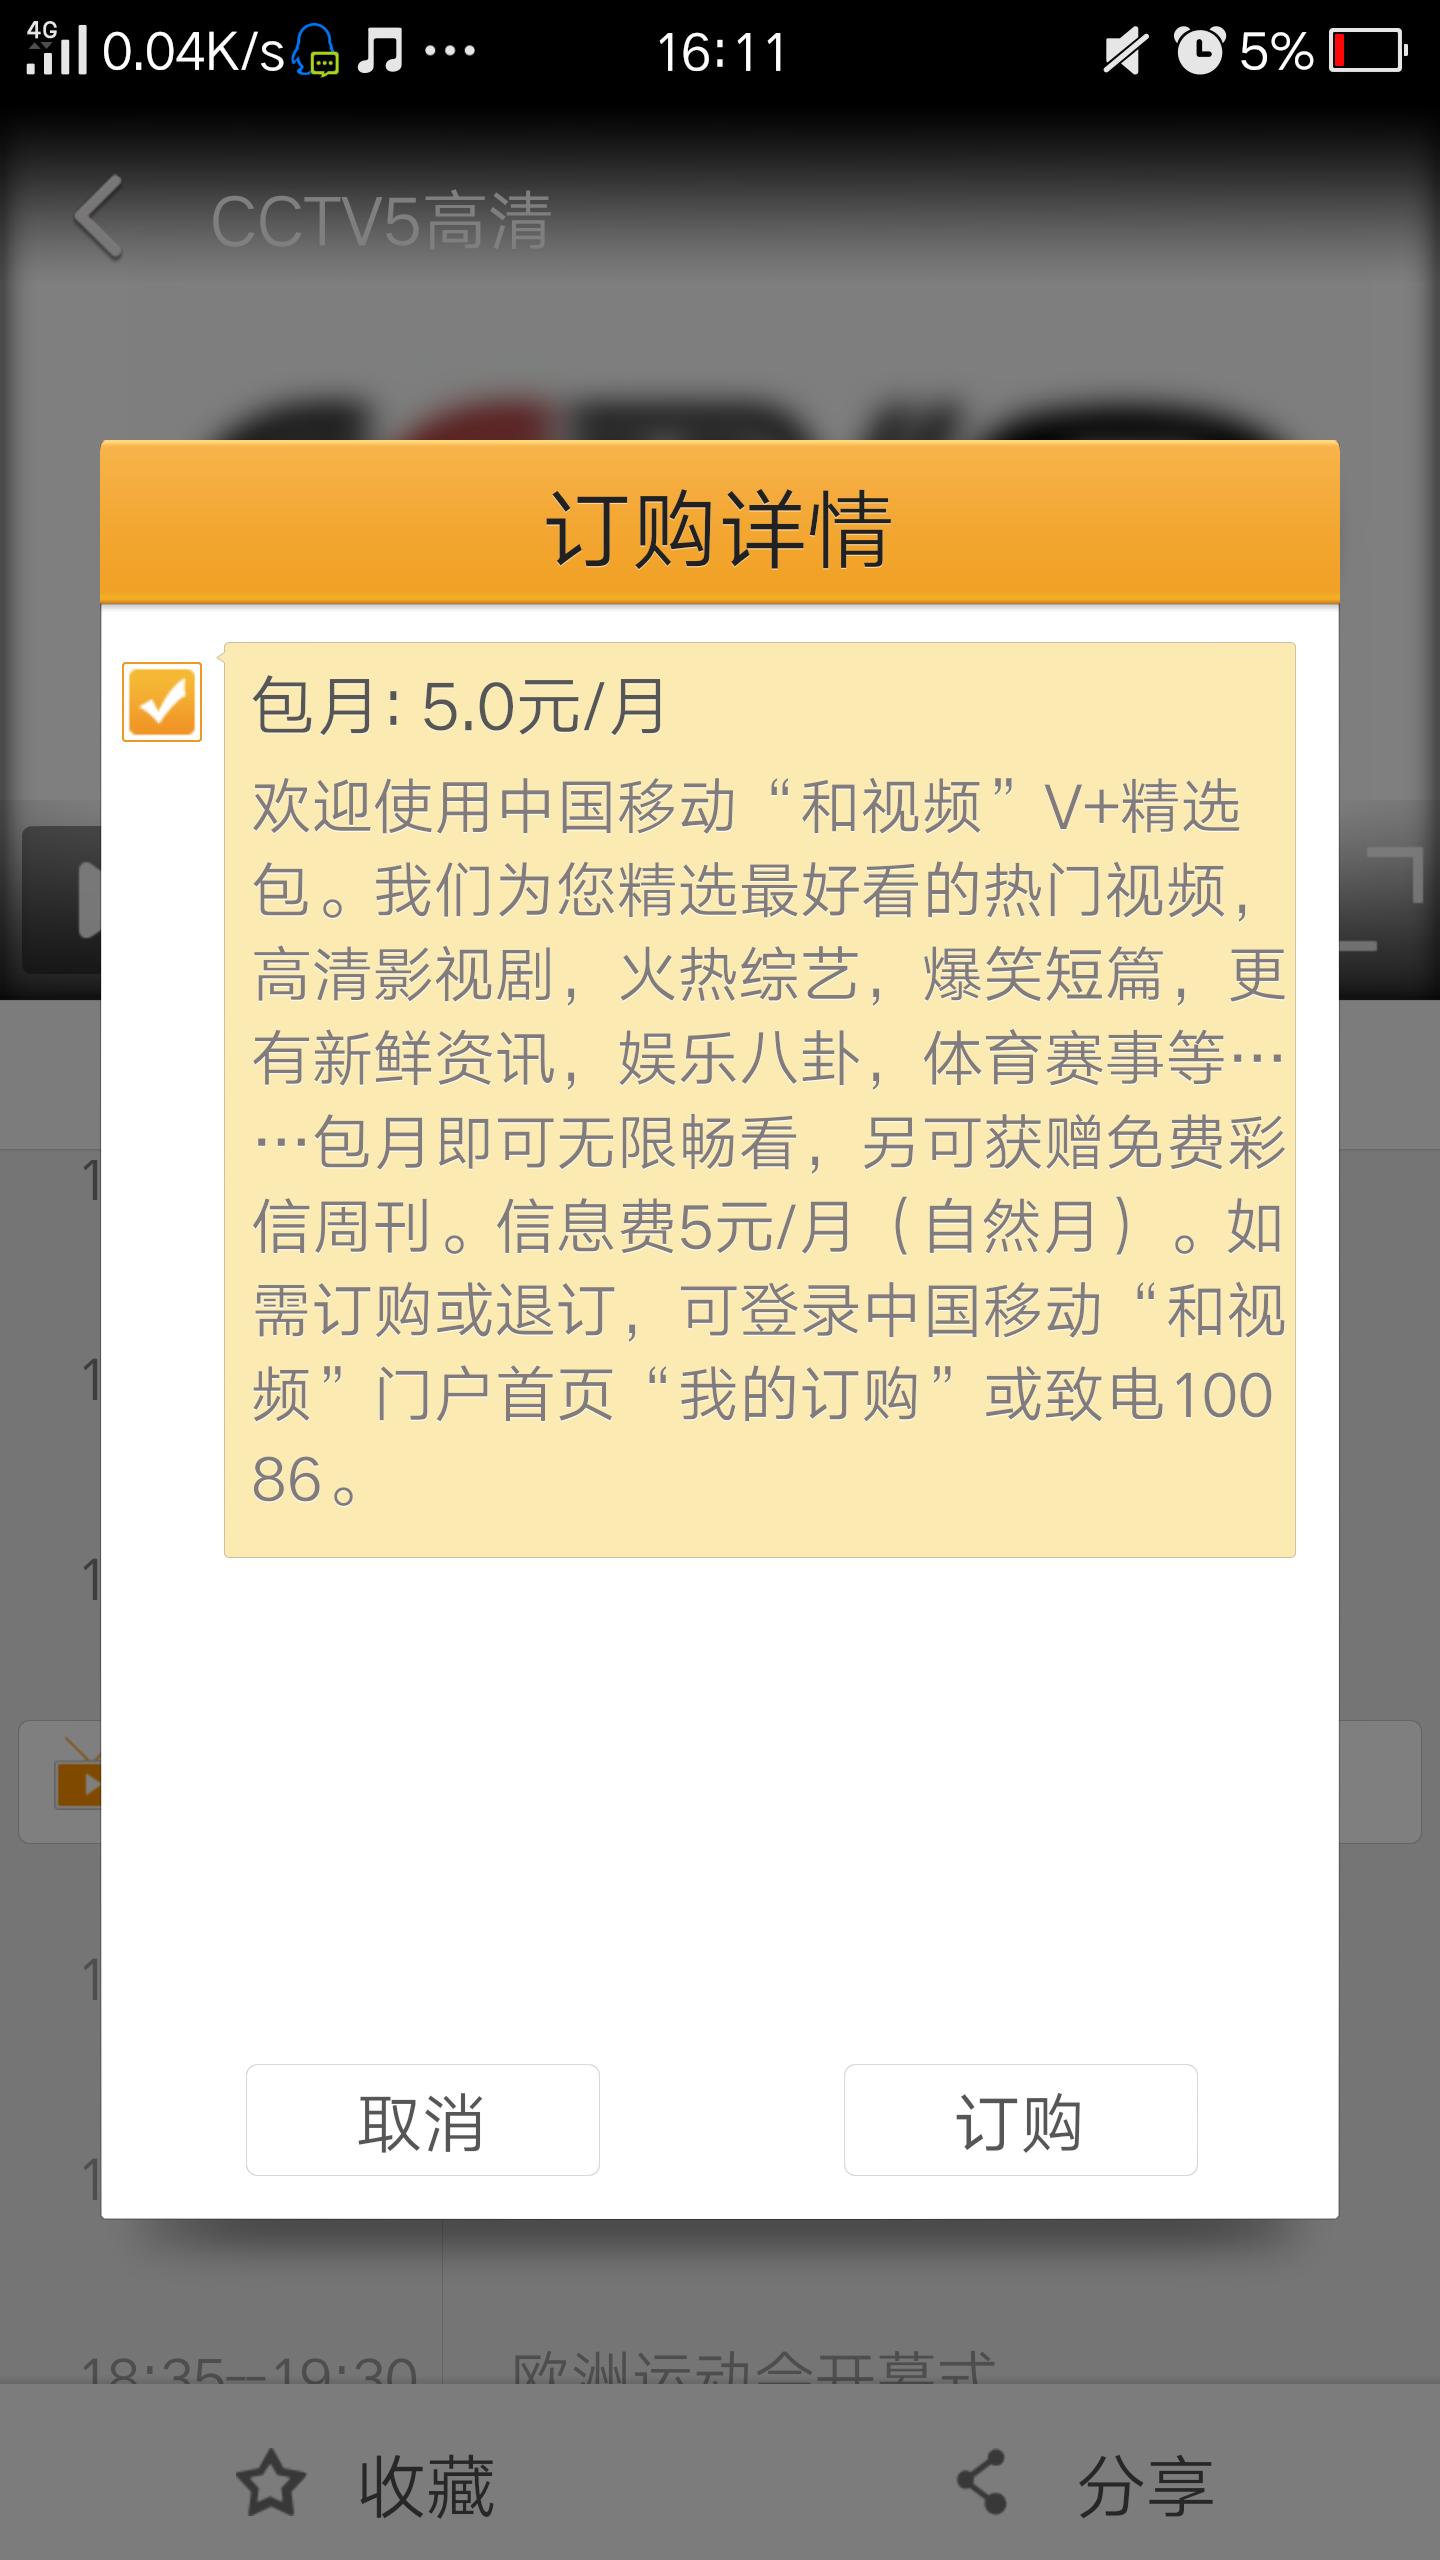 """""""展示亚洲风采,倾听亚洲声音"""",《今日亚洲》以主持人和视频报道为基本形态,栏目时长为25分钟。 """"今日亚洲""""央视中文国际频道(CCTV-4)2008年7月28日开播的新.今日亚洲是中国大陆综艺节目。节目简介:""""展示亚洲风采,倾听亚洲声音"""",《今日亚洲》以主持人和视频报道为基本形态,栏目时长为25分钟.首播时间:23:00—23:25.独.体系作战,辽宁舰航母编队跨海区多课目训练;重拳打击,中国严控""""洋垃圾""""非法入境。 (《今日亚洲》 20180522)"""